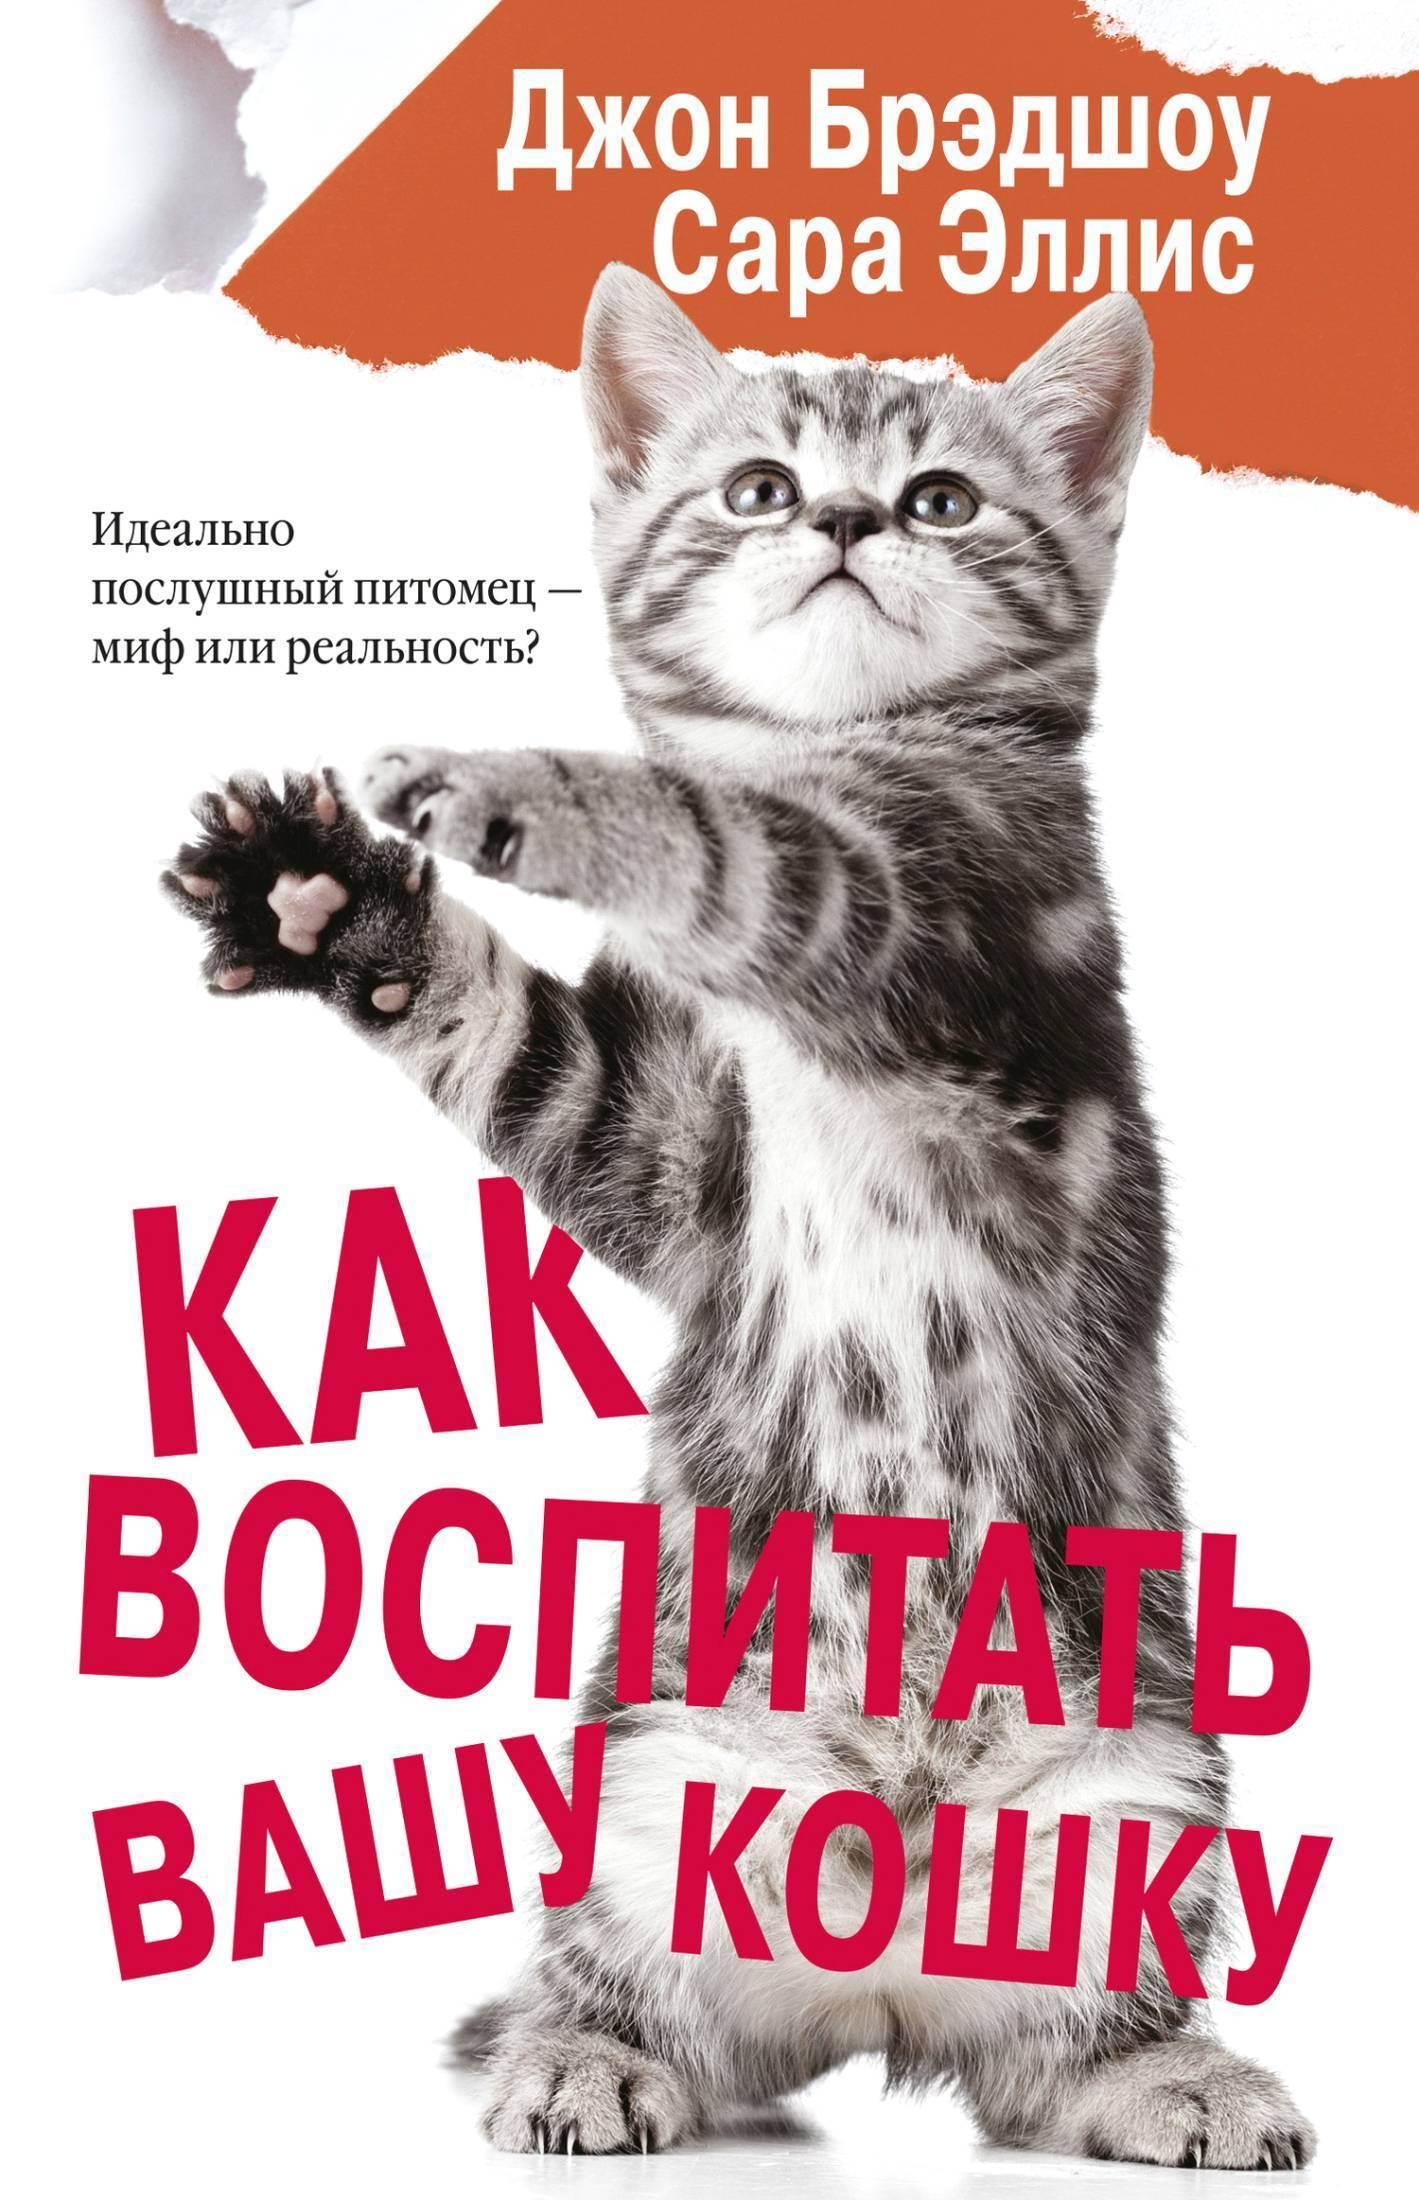 Как приучить кота или кошку к шлейке: быстрая пошаговая инструкция